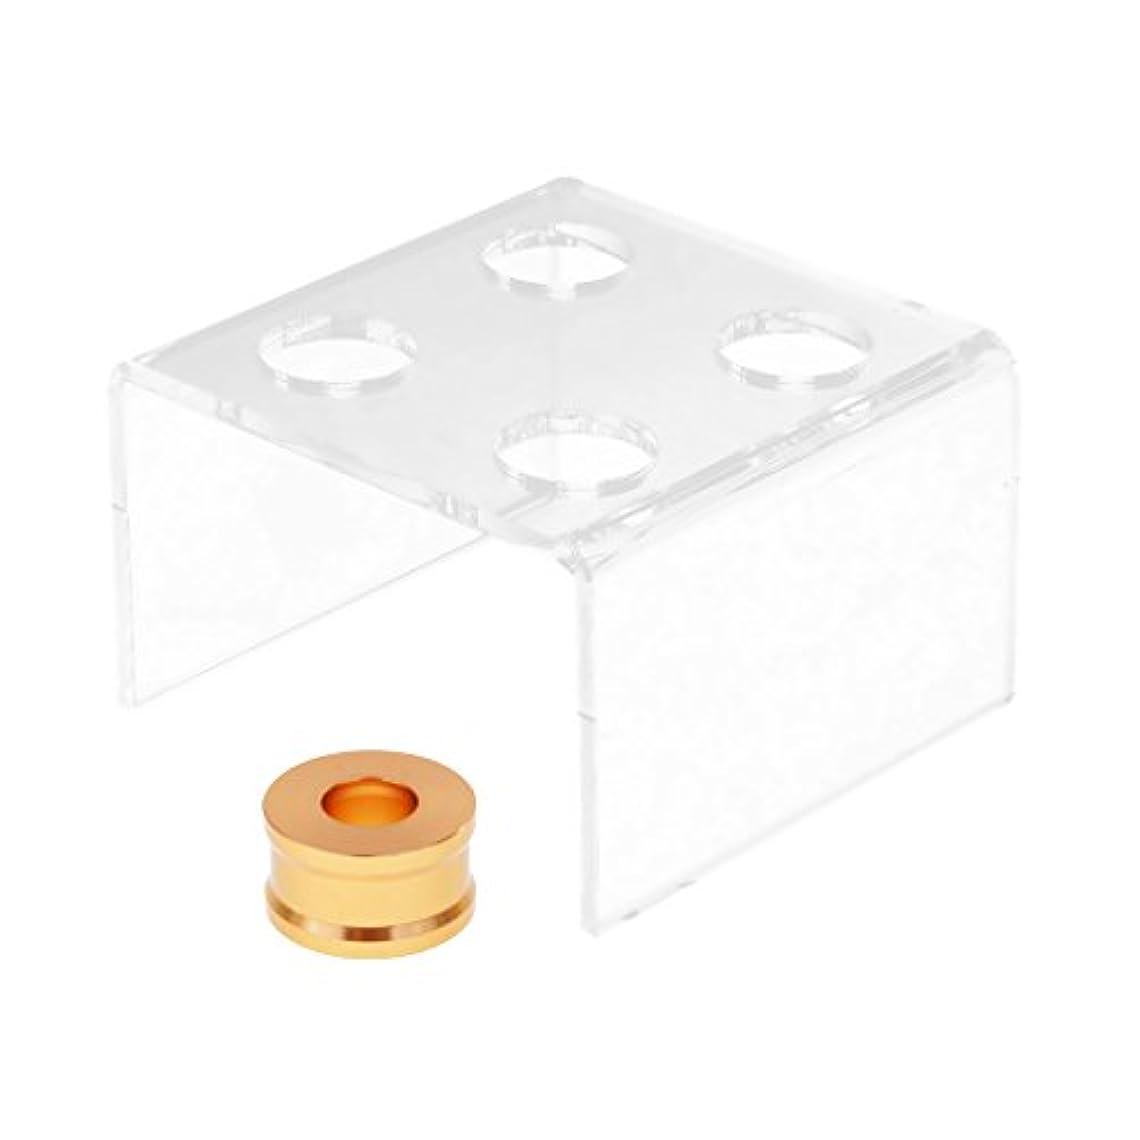 ローマ人幾何学祭司12.1mmチューブ スタンドと口紅の型リング リップクリーム DIY 金型 メイクアップツール